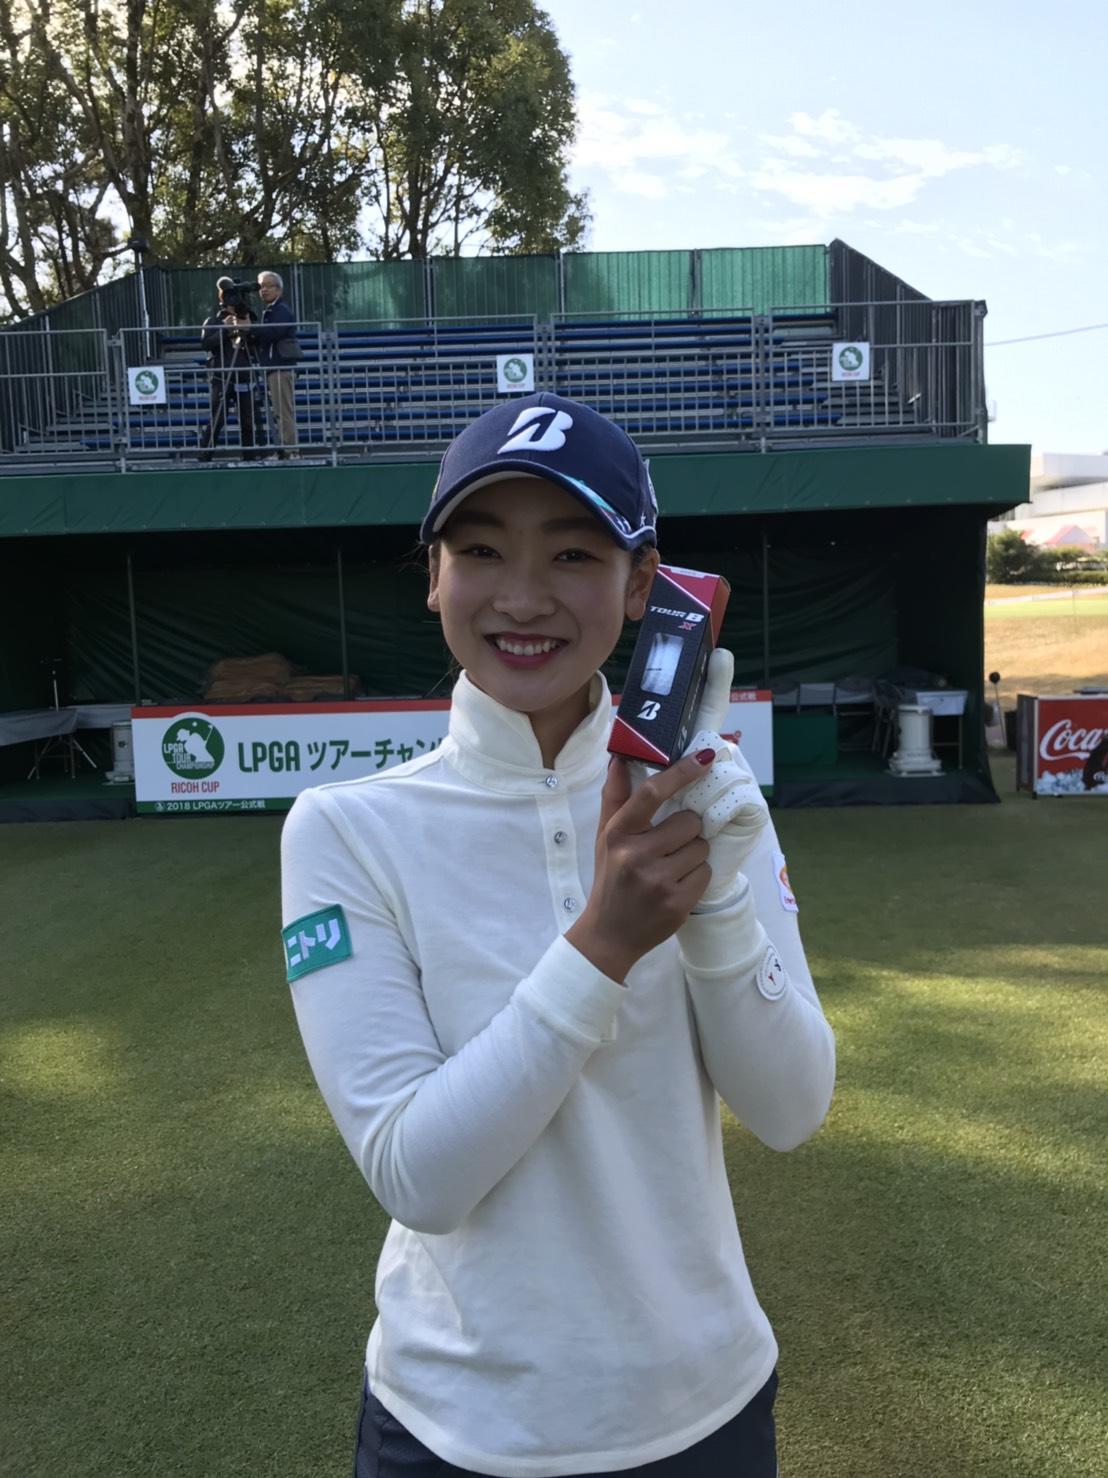 http://www.bs-golf.com/pro/5895dd21cea1ffd009069065b6e6a8c103c67e34.JPG